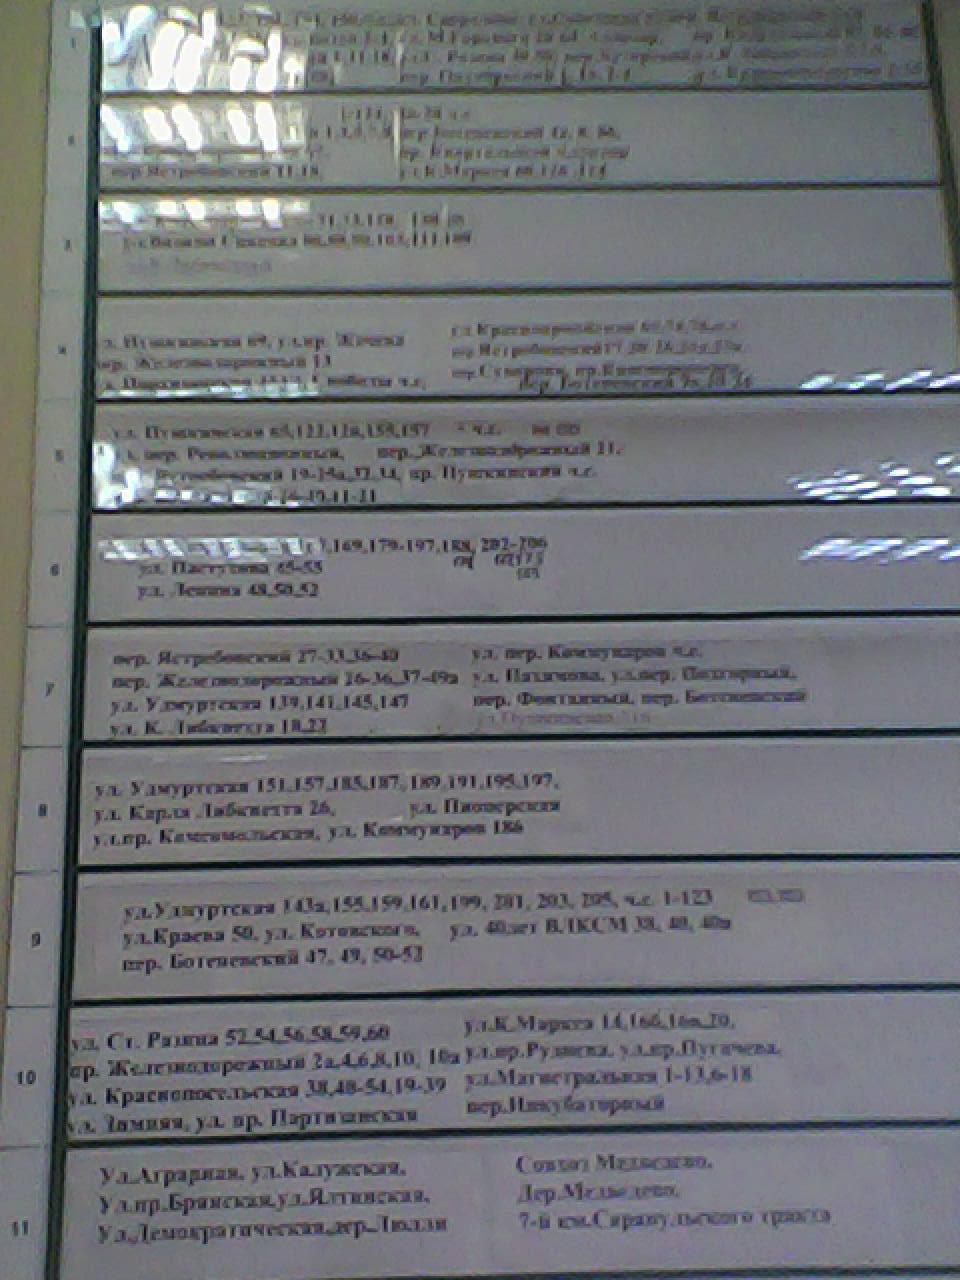 Поликлиника г саров прием врачей